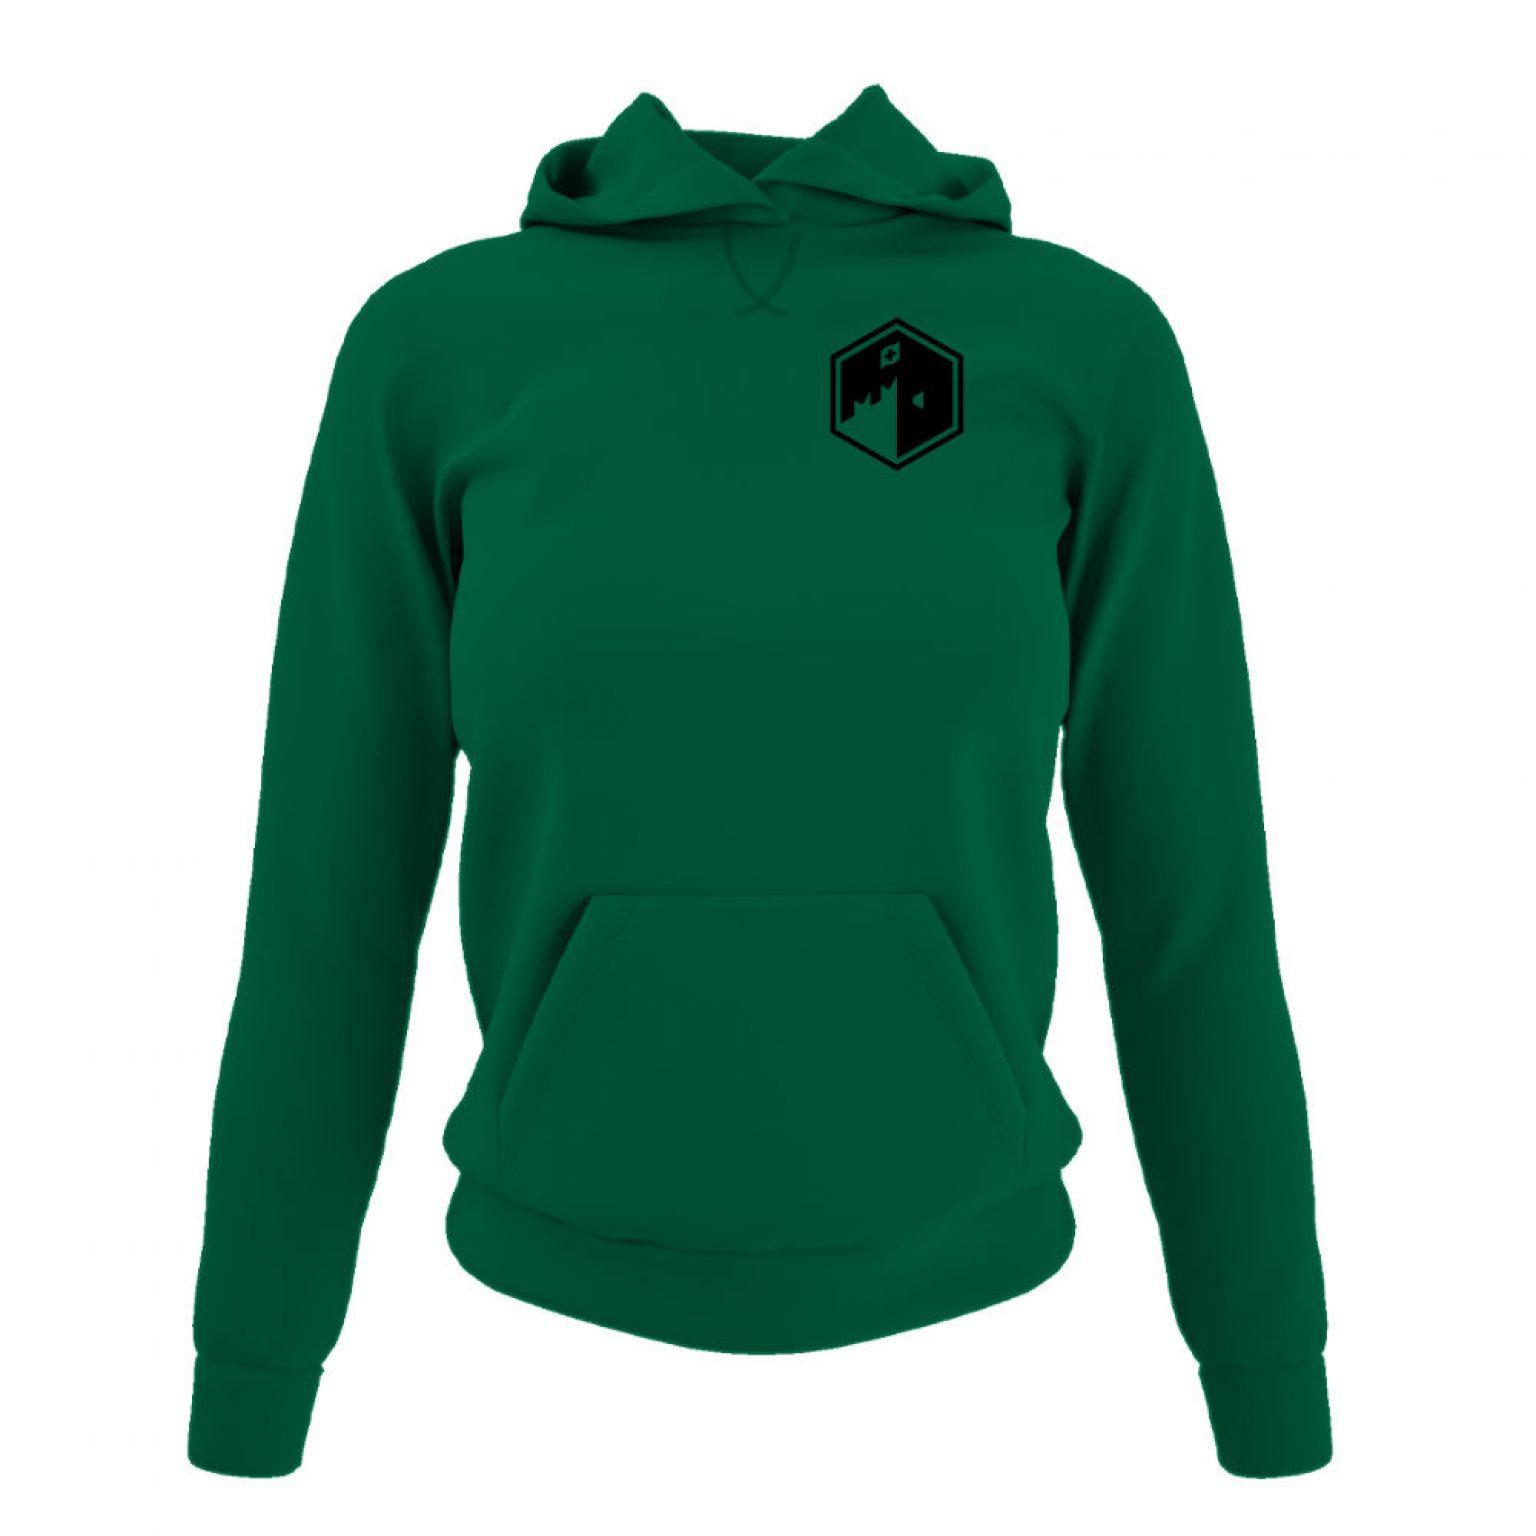 CFB hoodie damen green front